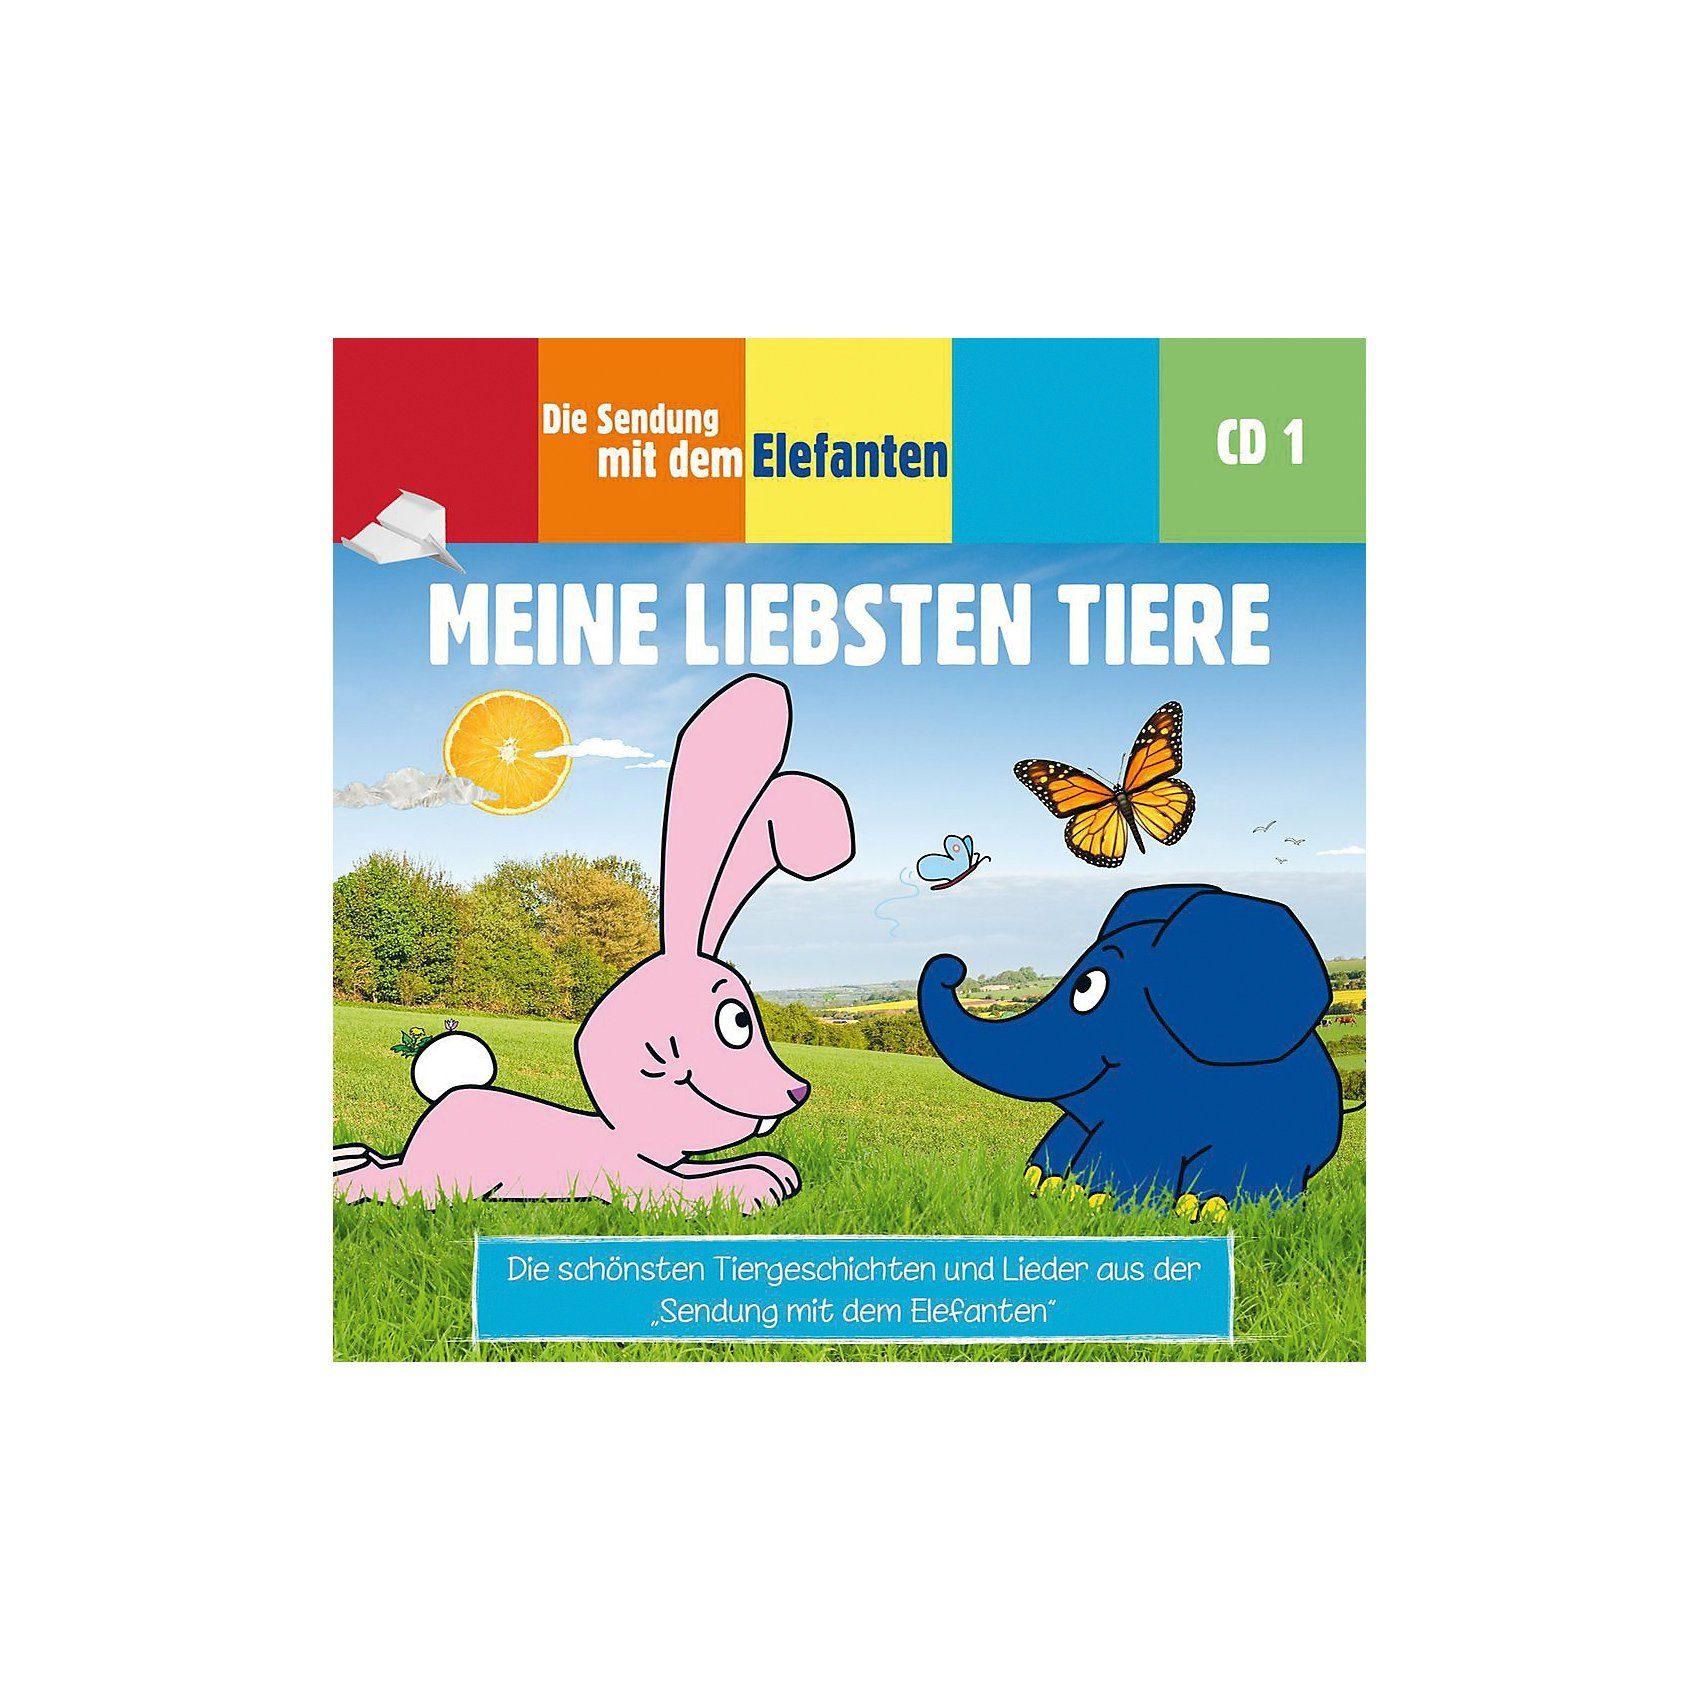 Universum CD Die Sendung mit dem Elefanten 01 - Meine liebsten Tiere